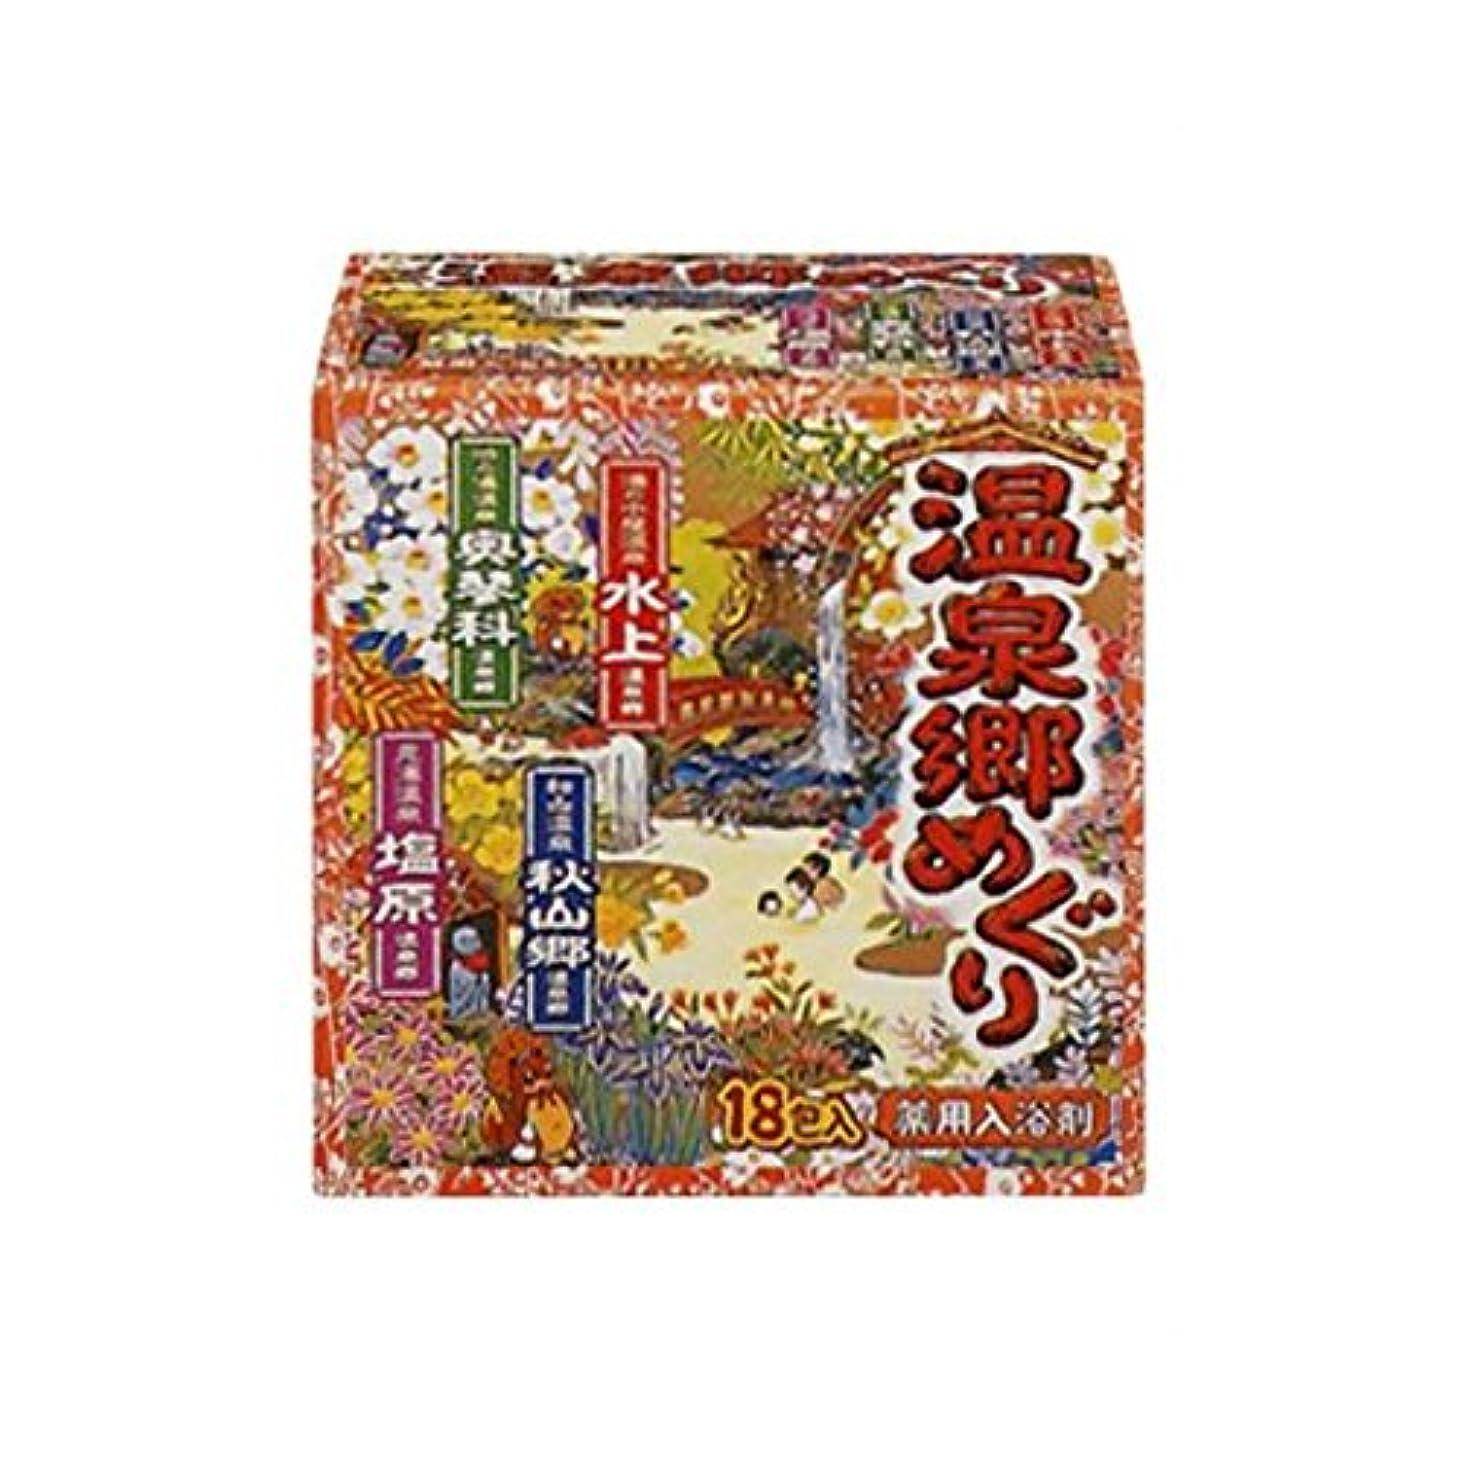 月曜日スプーン葉【まとめ買い】温泉郷めぐり ×2セット